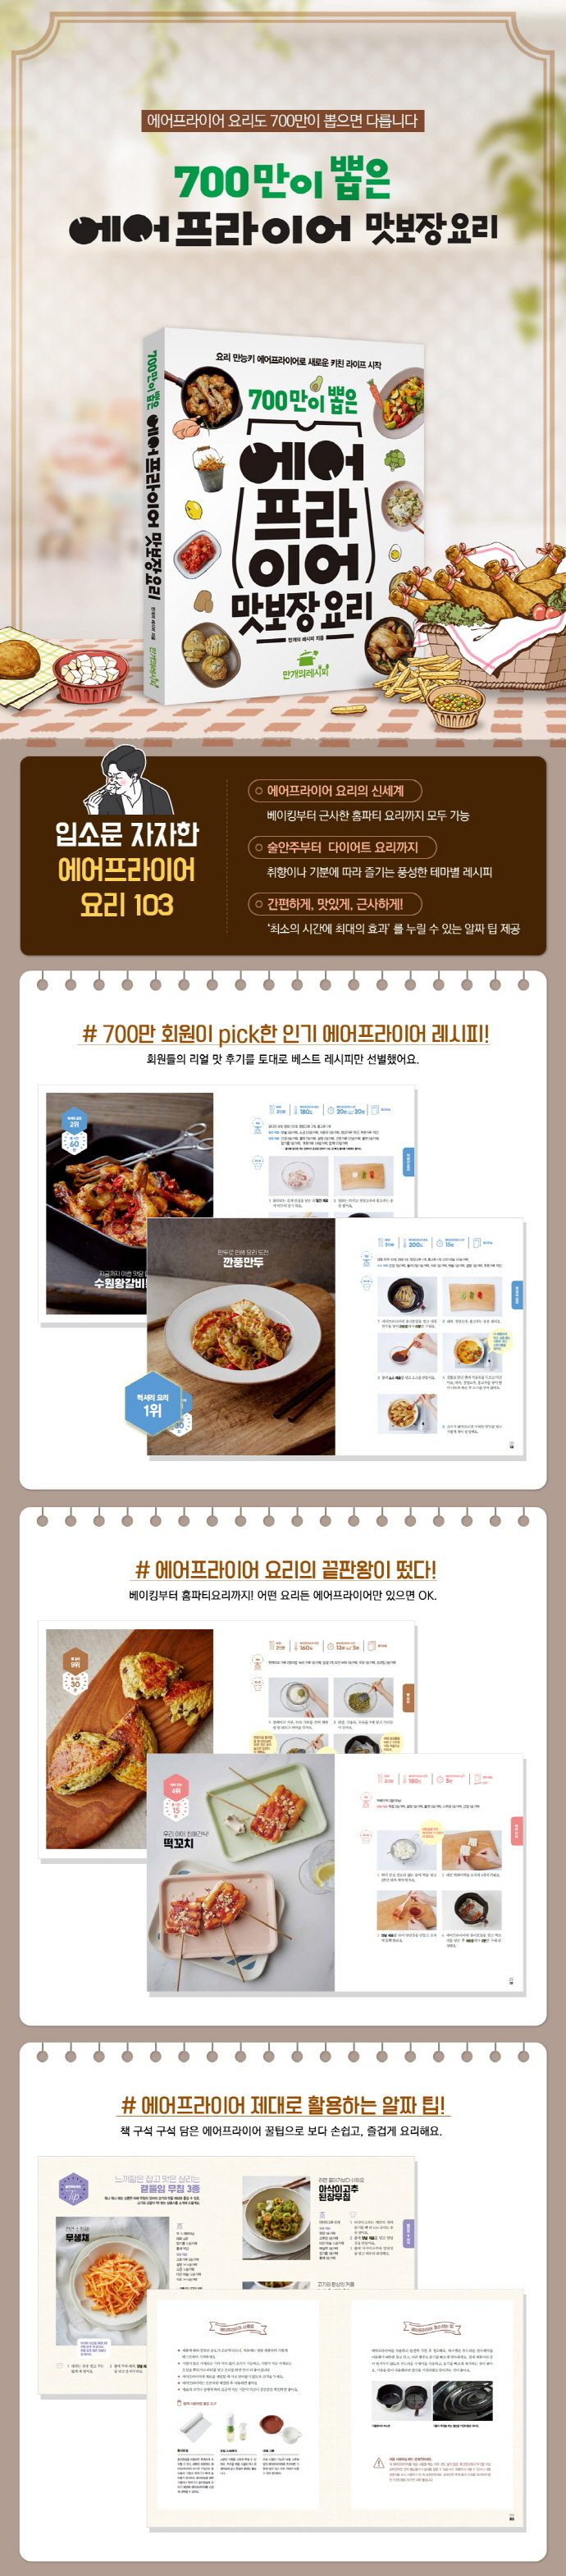 에어프라이어 맛보장 요리(700만이 뽑은) 도서 상세이미지